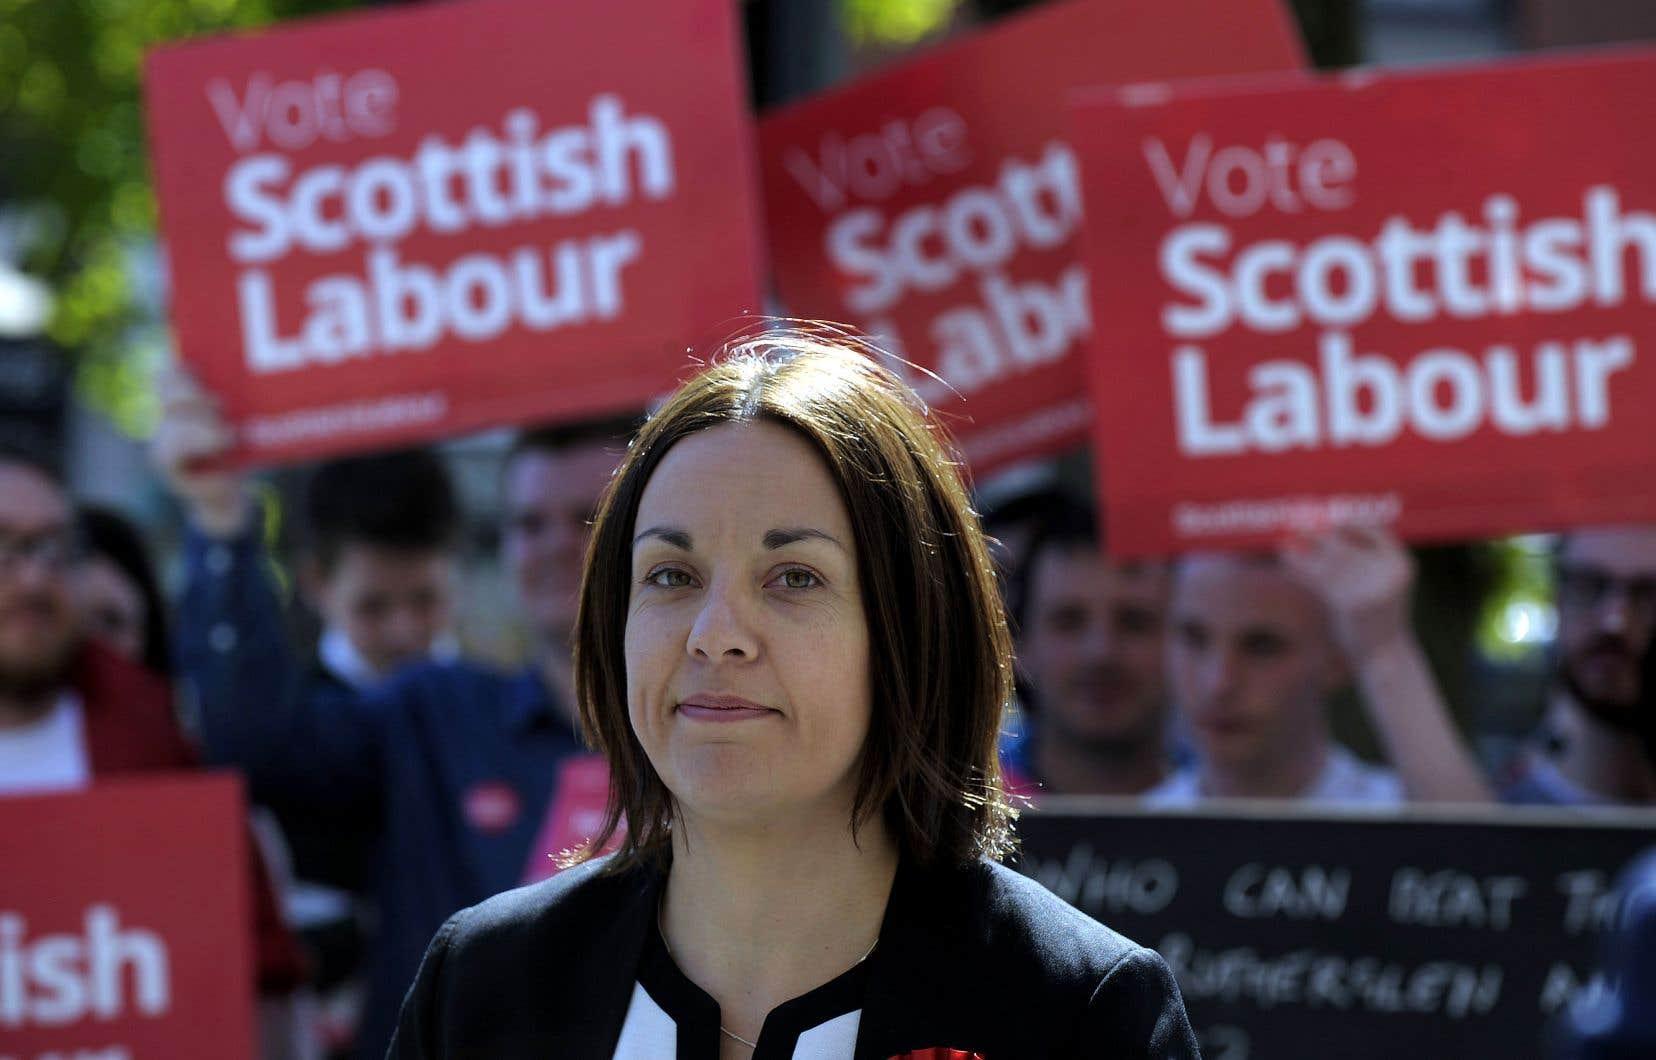 Kezia Dugdale a été chef du Parti travailliste écossais de 2015 à 2017. Elle est députée depuis 2011.